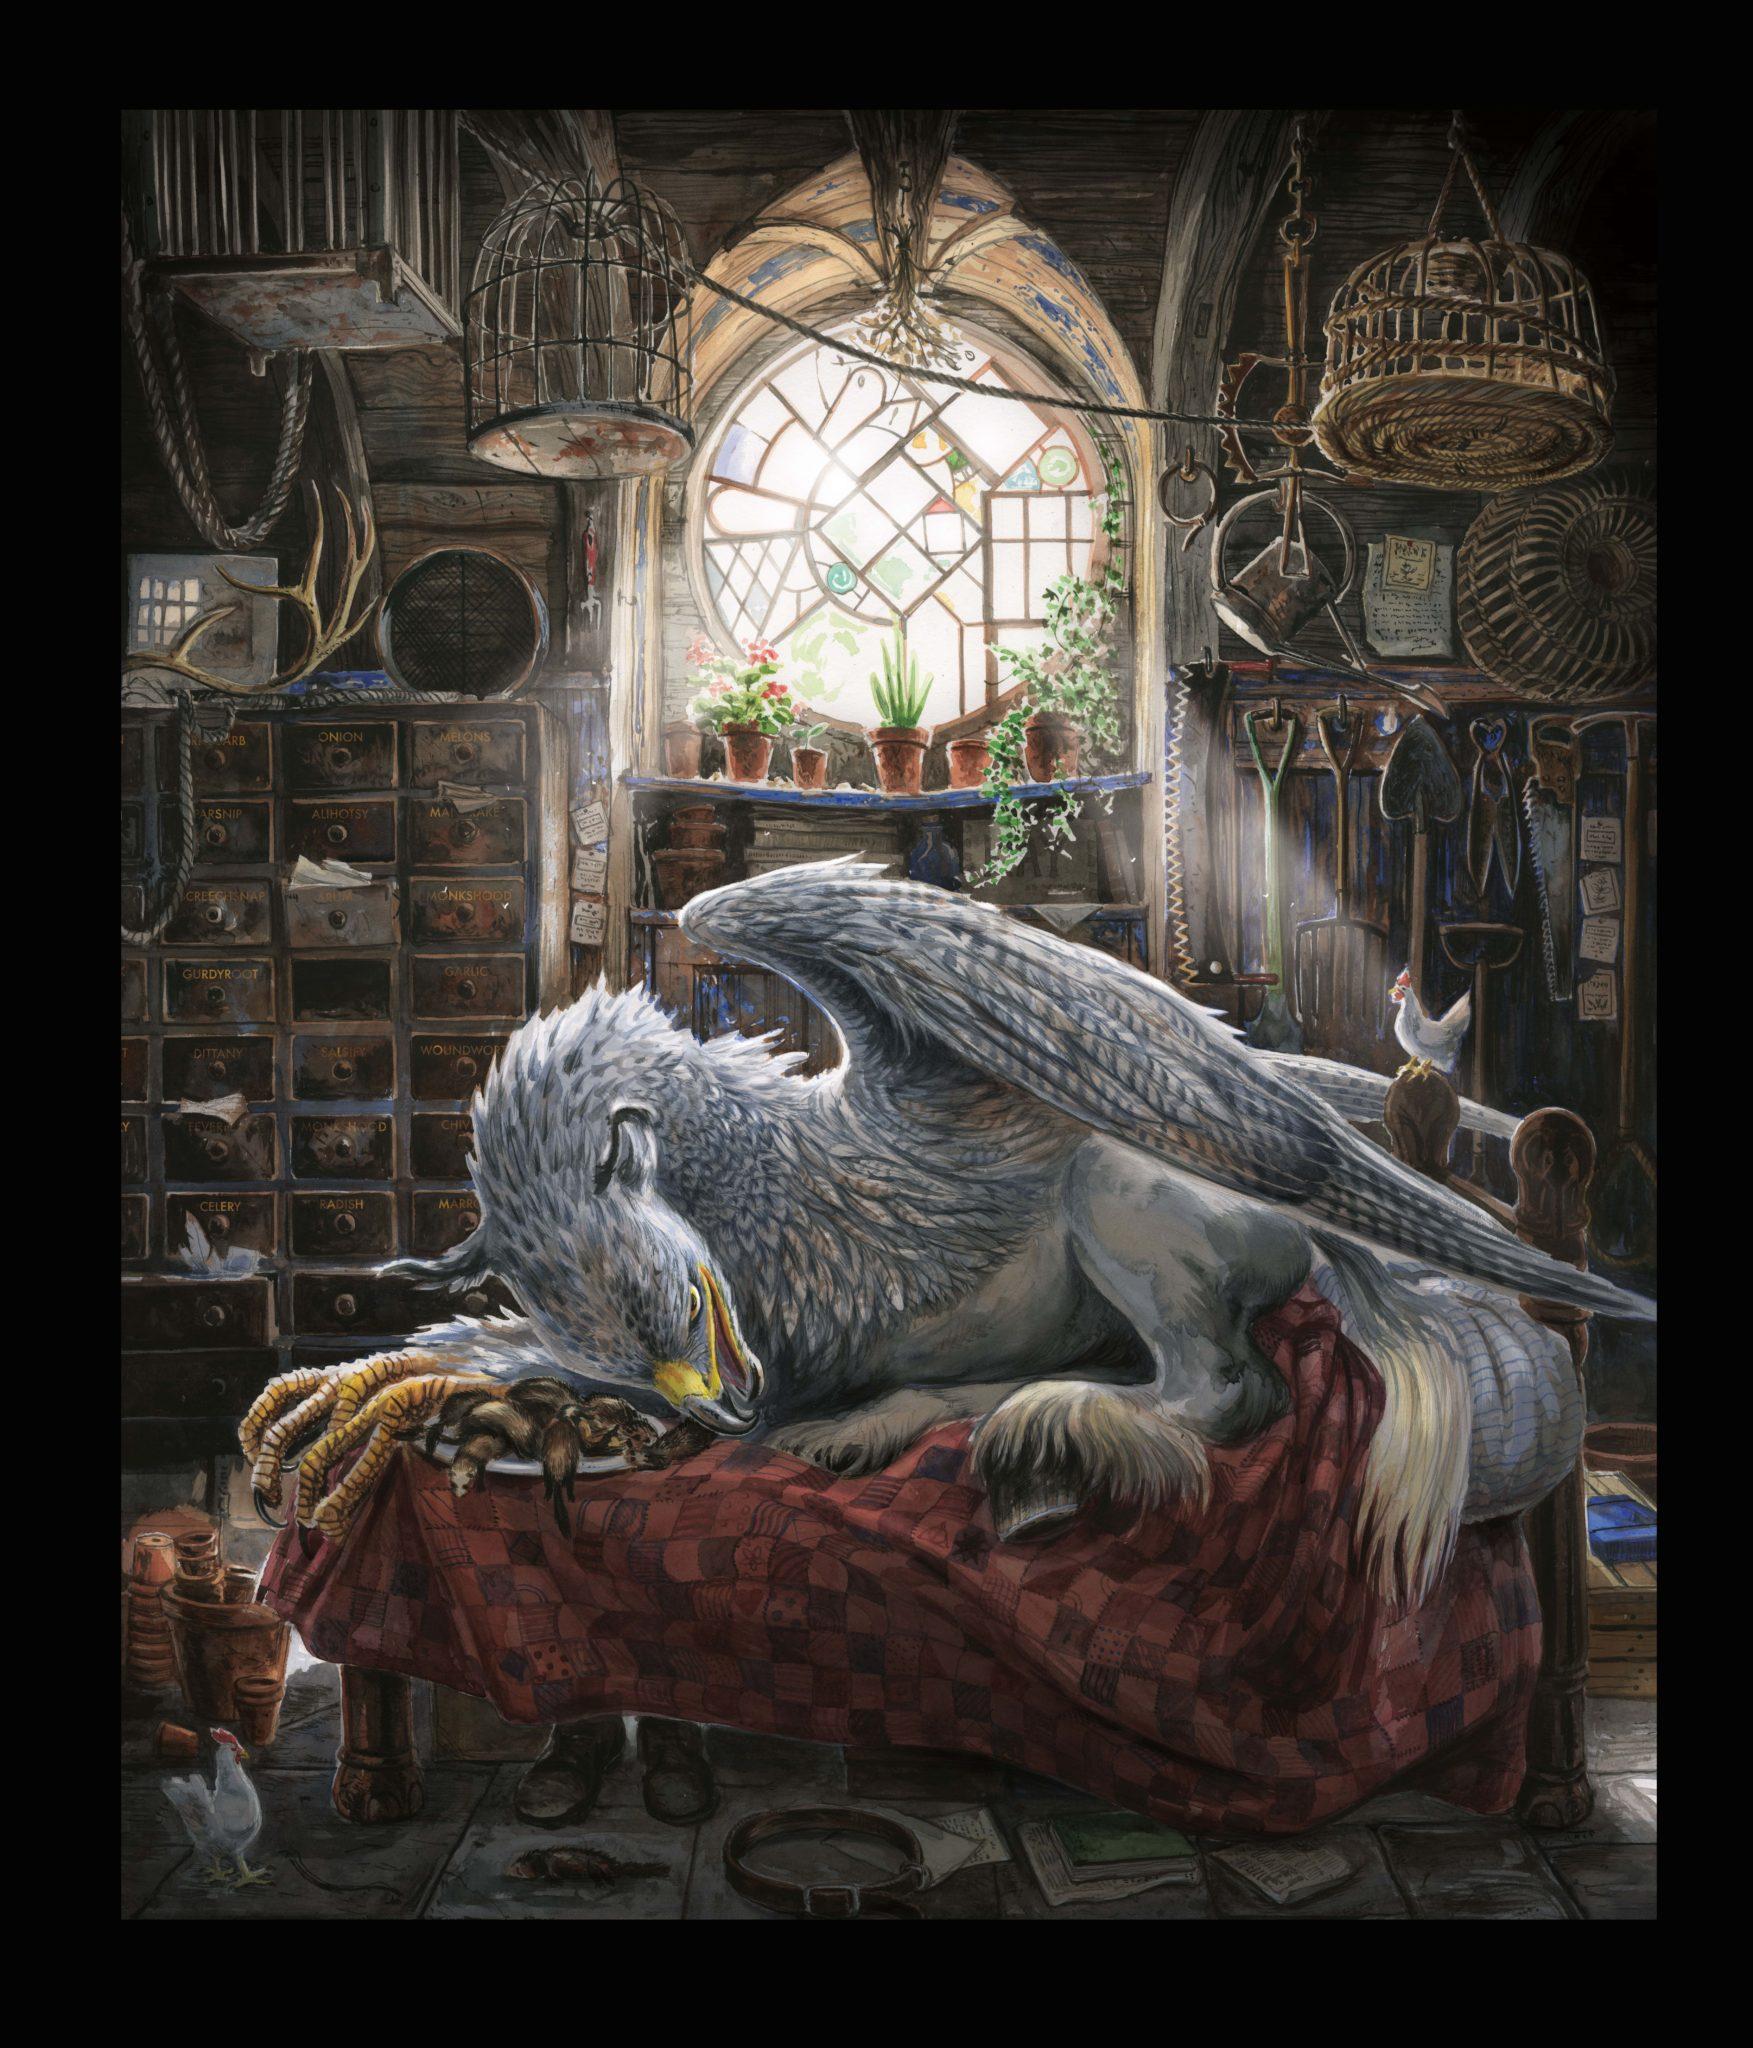 Rocco revela bastidores da versão ilustrada de Harry Potter e o Prisioneiro de Azkaban